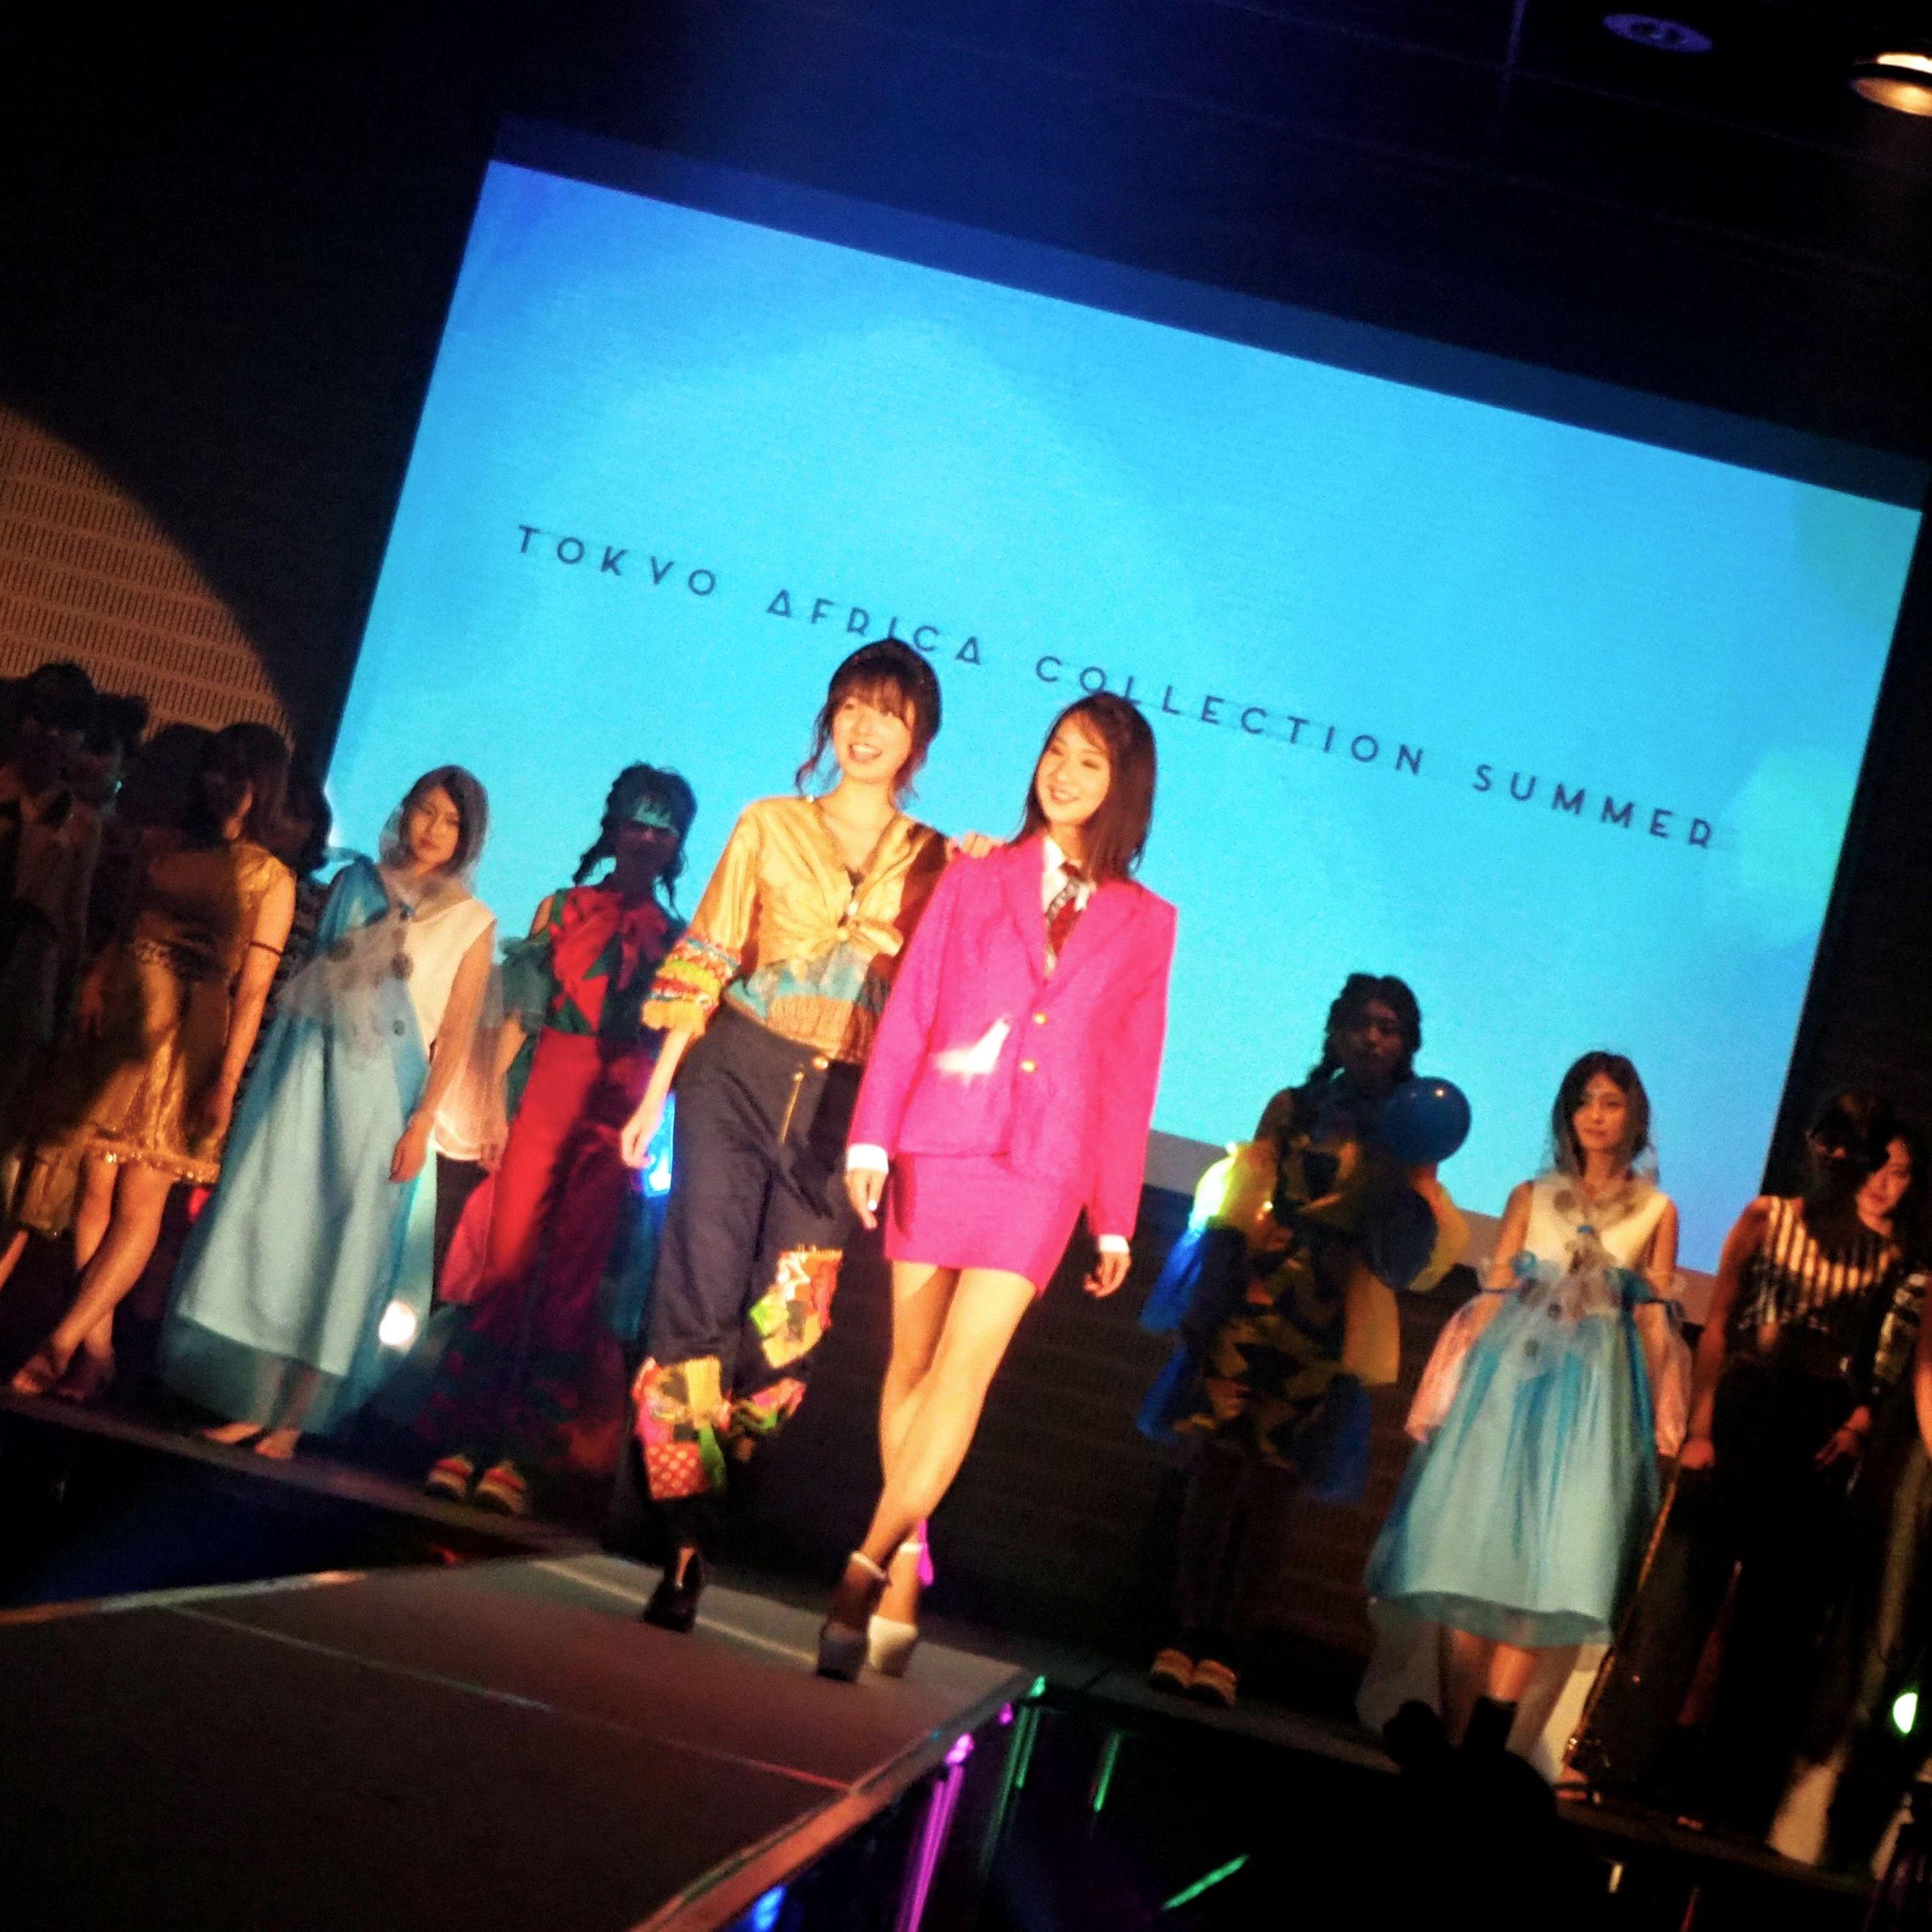 アフリカを服で表現!話題のファッションショー「Tokyo Africa Collection」